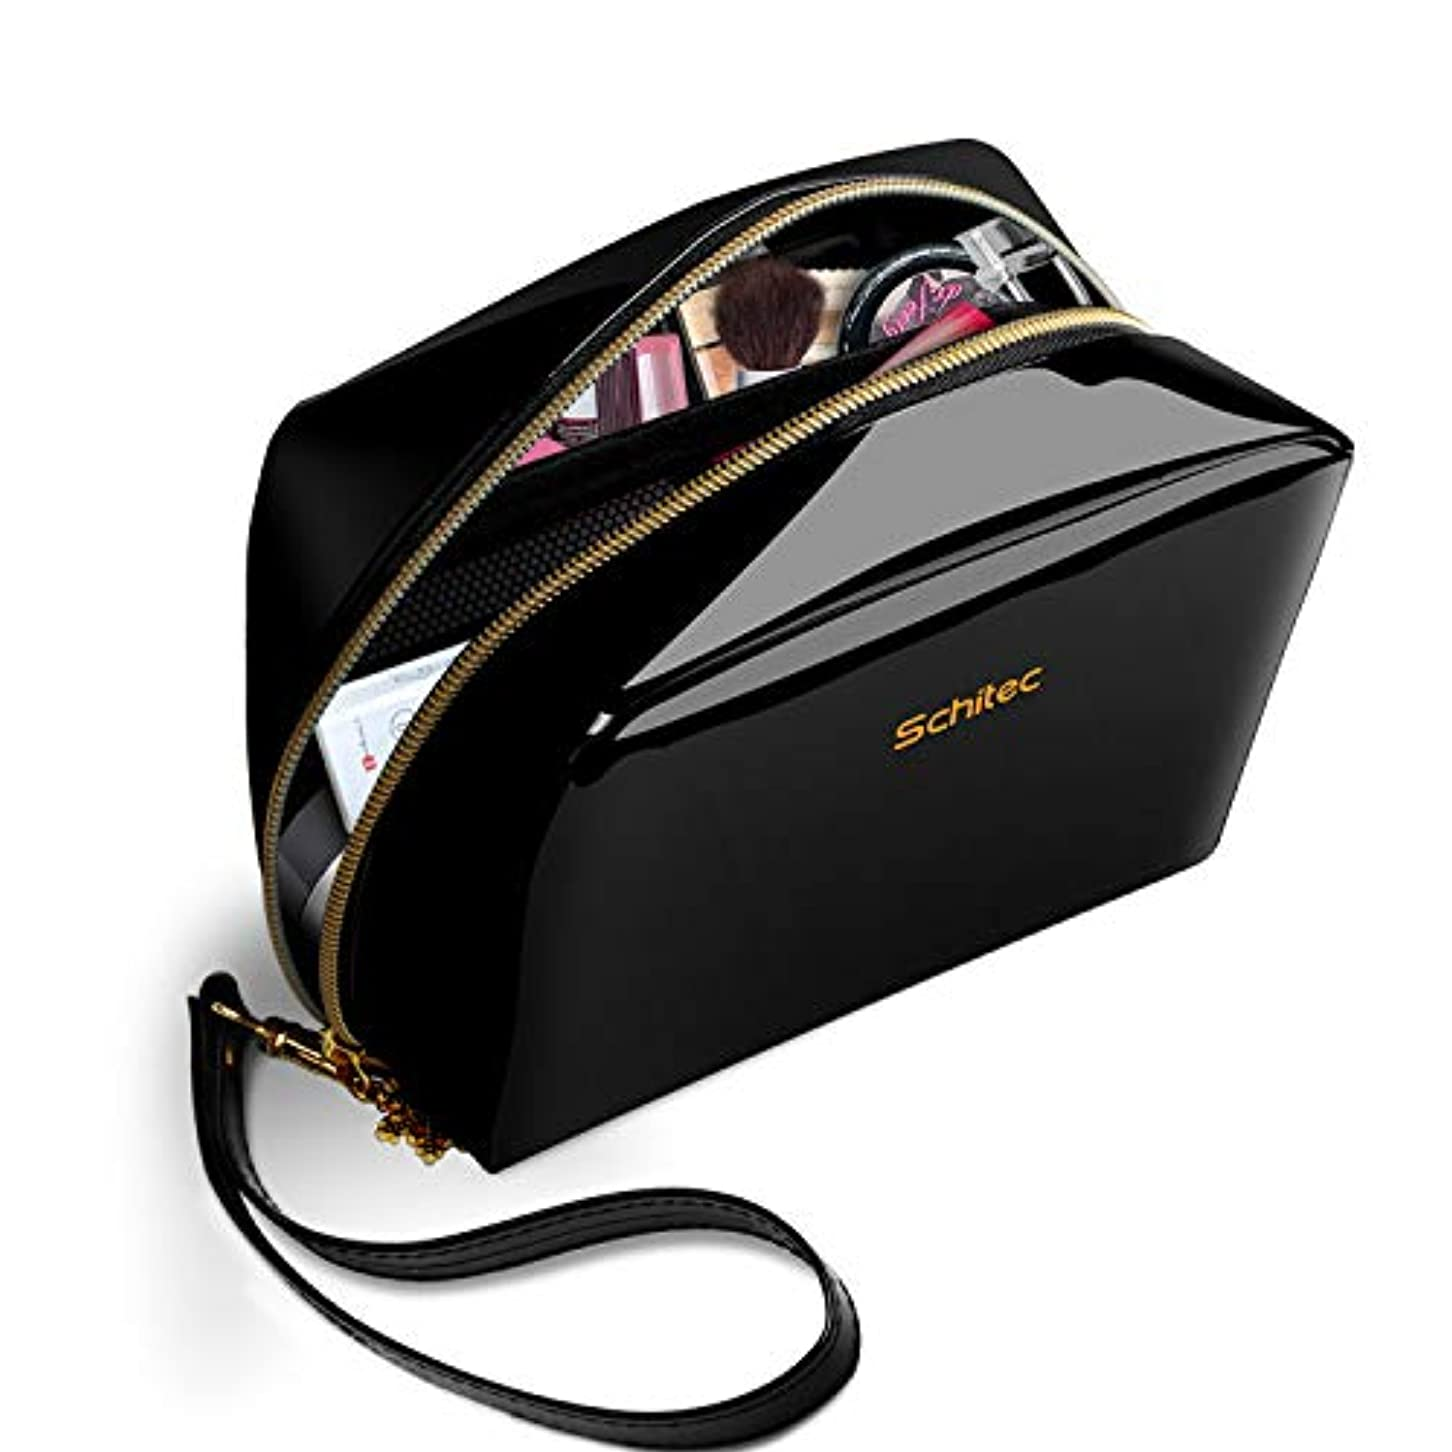 製品指定ボンド化粧ポーチ メイクポーチ ミニ 財布 機能的 大容量 化粧品収納 小物入れ 普段使い 出張 旅行 メイク ブラシ バッグ 化粧バッグ